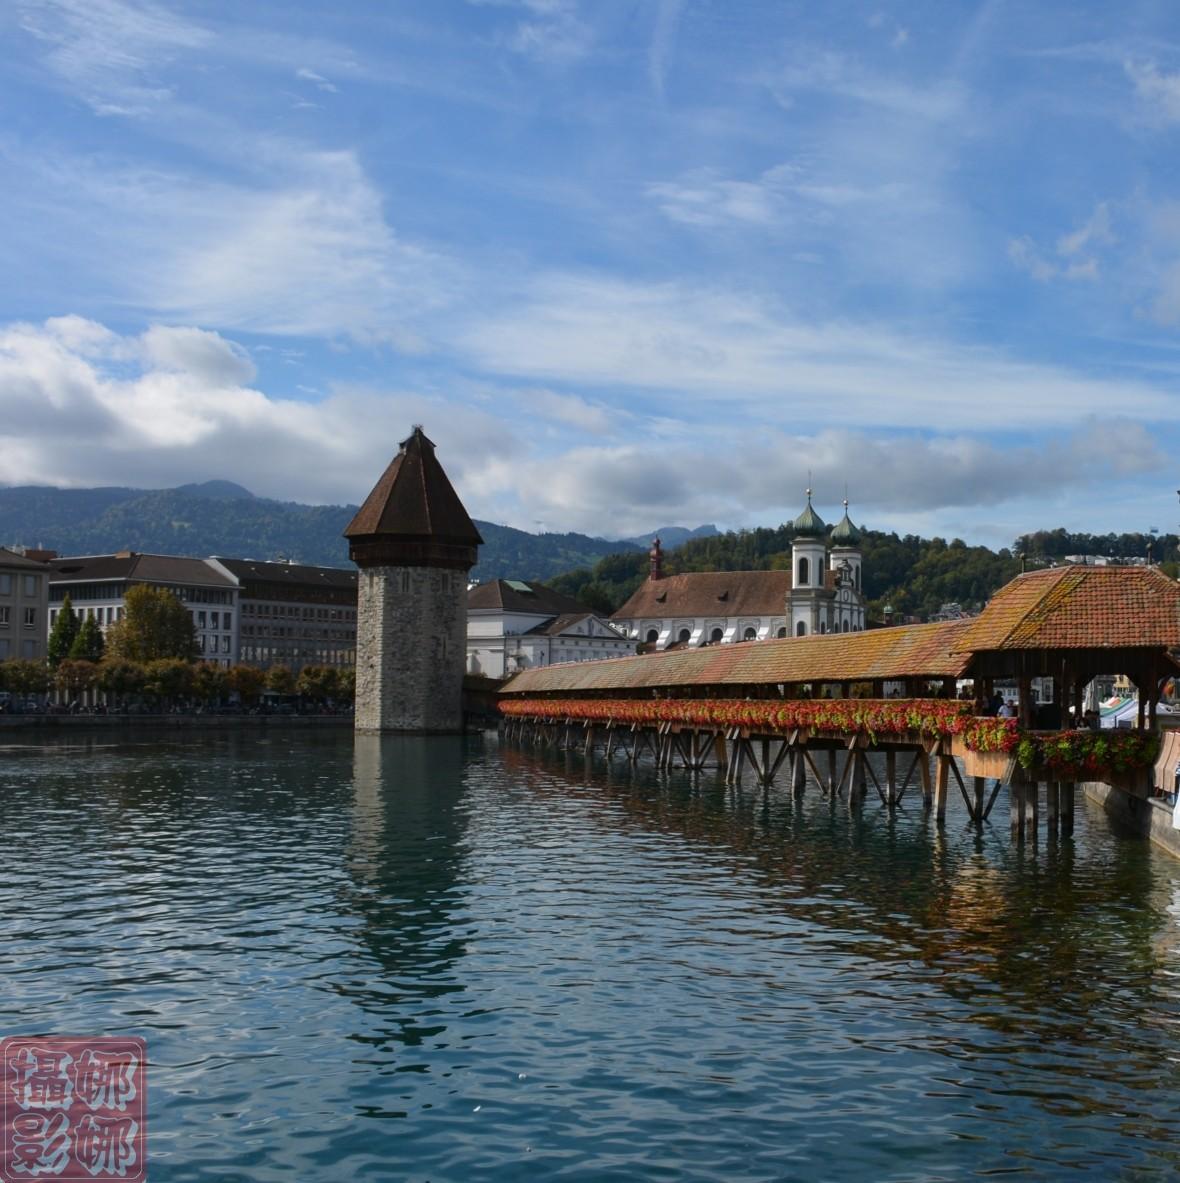 瑞士卢塞恩湖畔风光(一)_图1-3